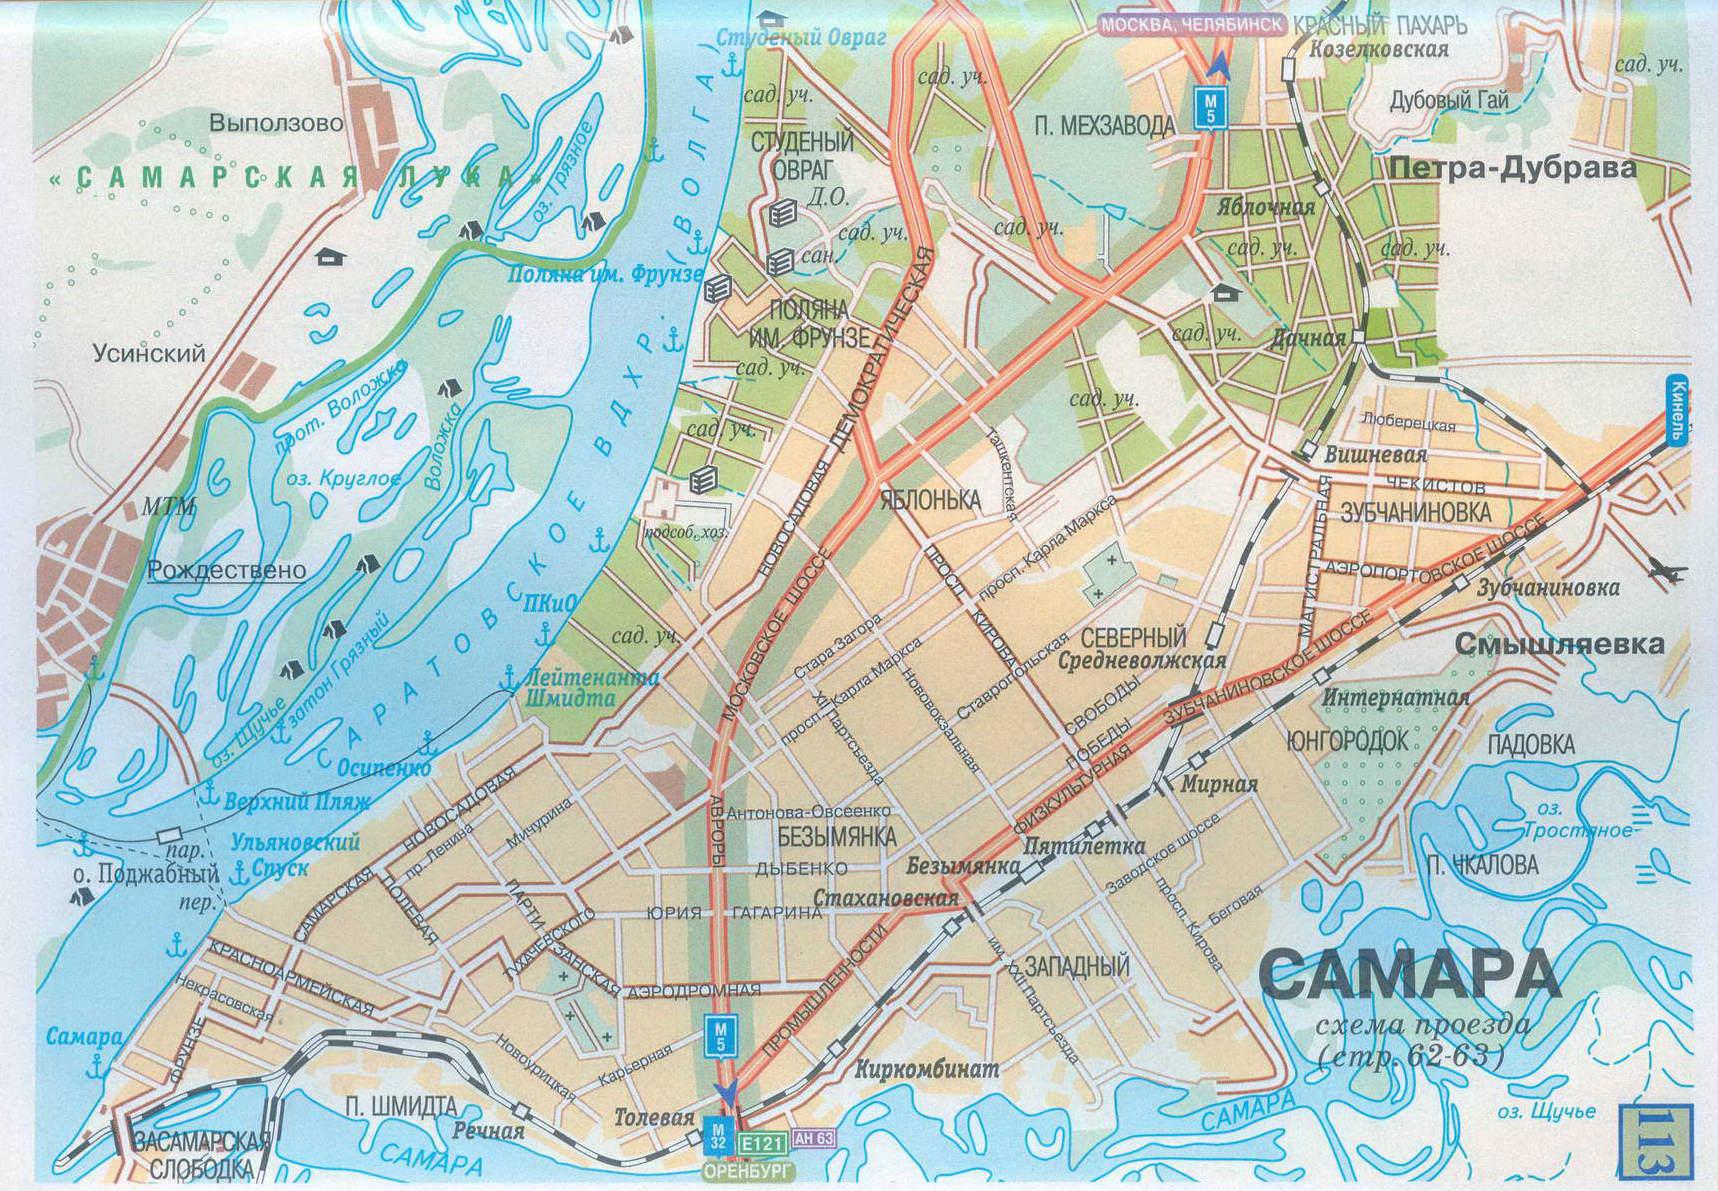 Подробная карта города Самара с названиями улиц и схемой проезда грузового транспорта.